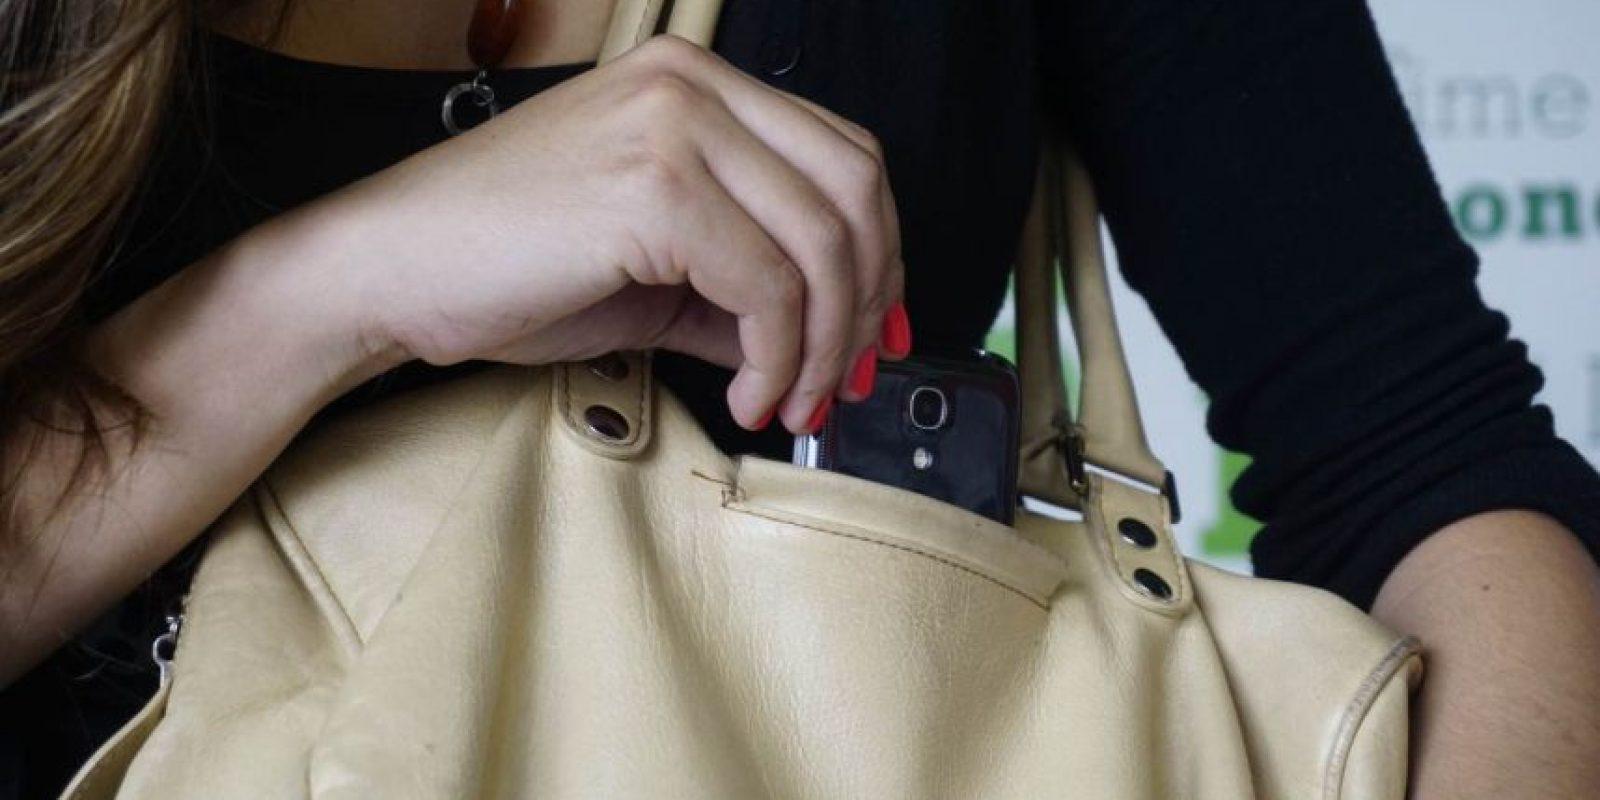 Nunca lleve el celular a la vista, es un blanco fácil para los cosquilleros. Foto: la acomode de tal forma que quede atravesada en el bolsillo